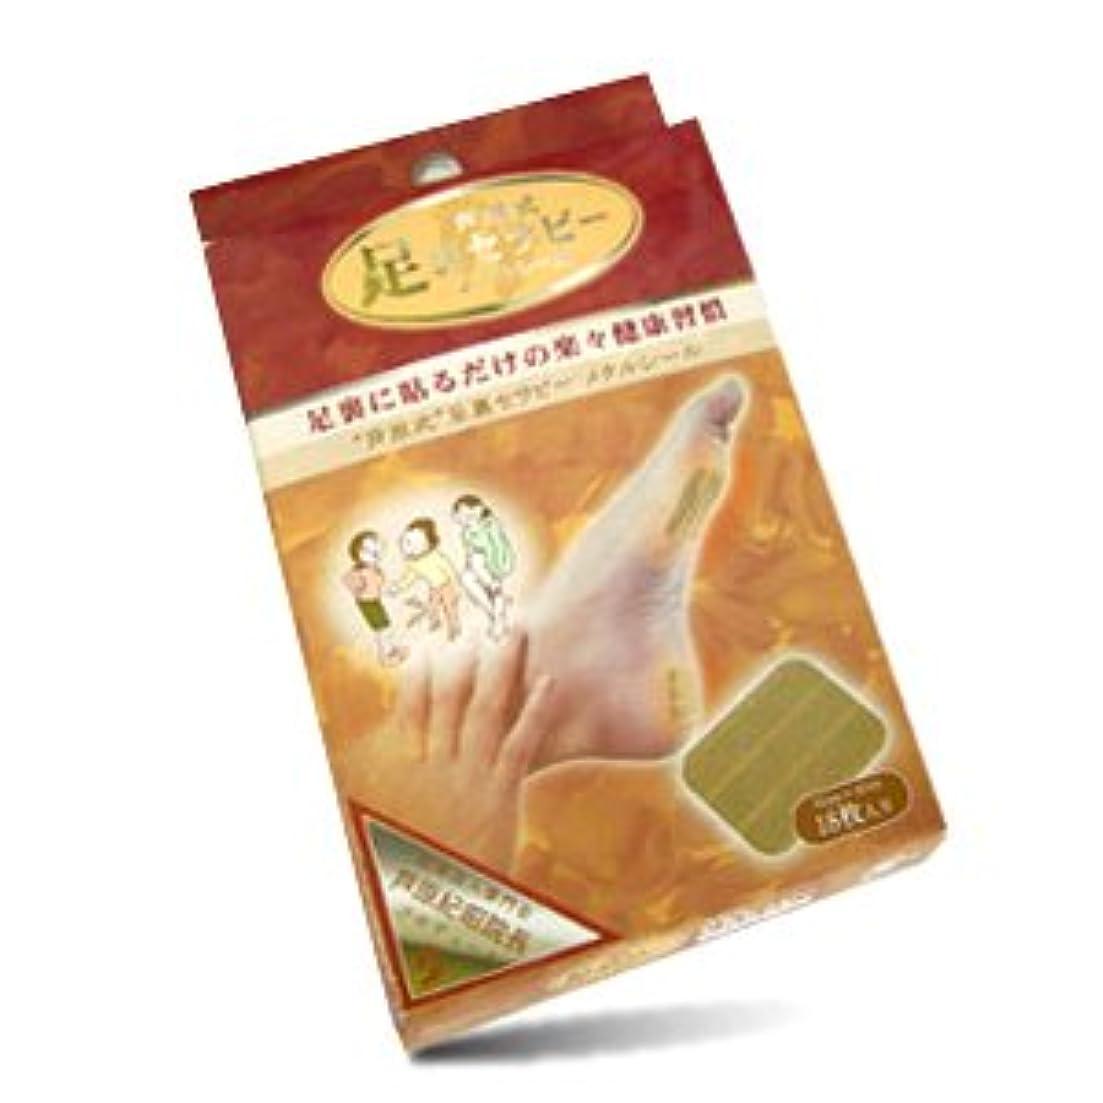 浸食オンス使役芦原式足裏セラピー メタルシール 84枚入り 足裏に貼るだけの楽々健康習慣!